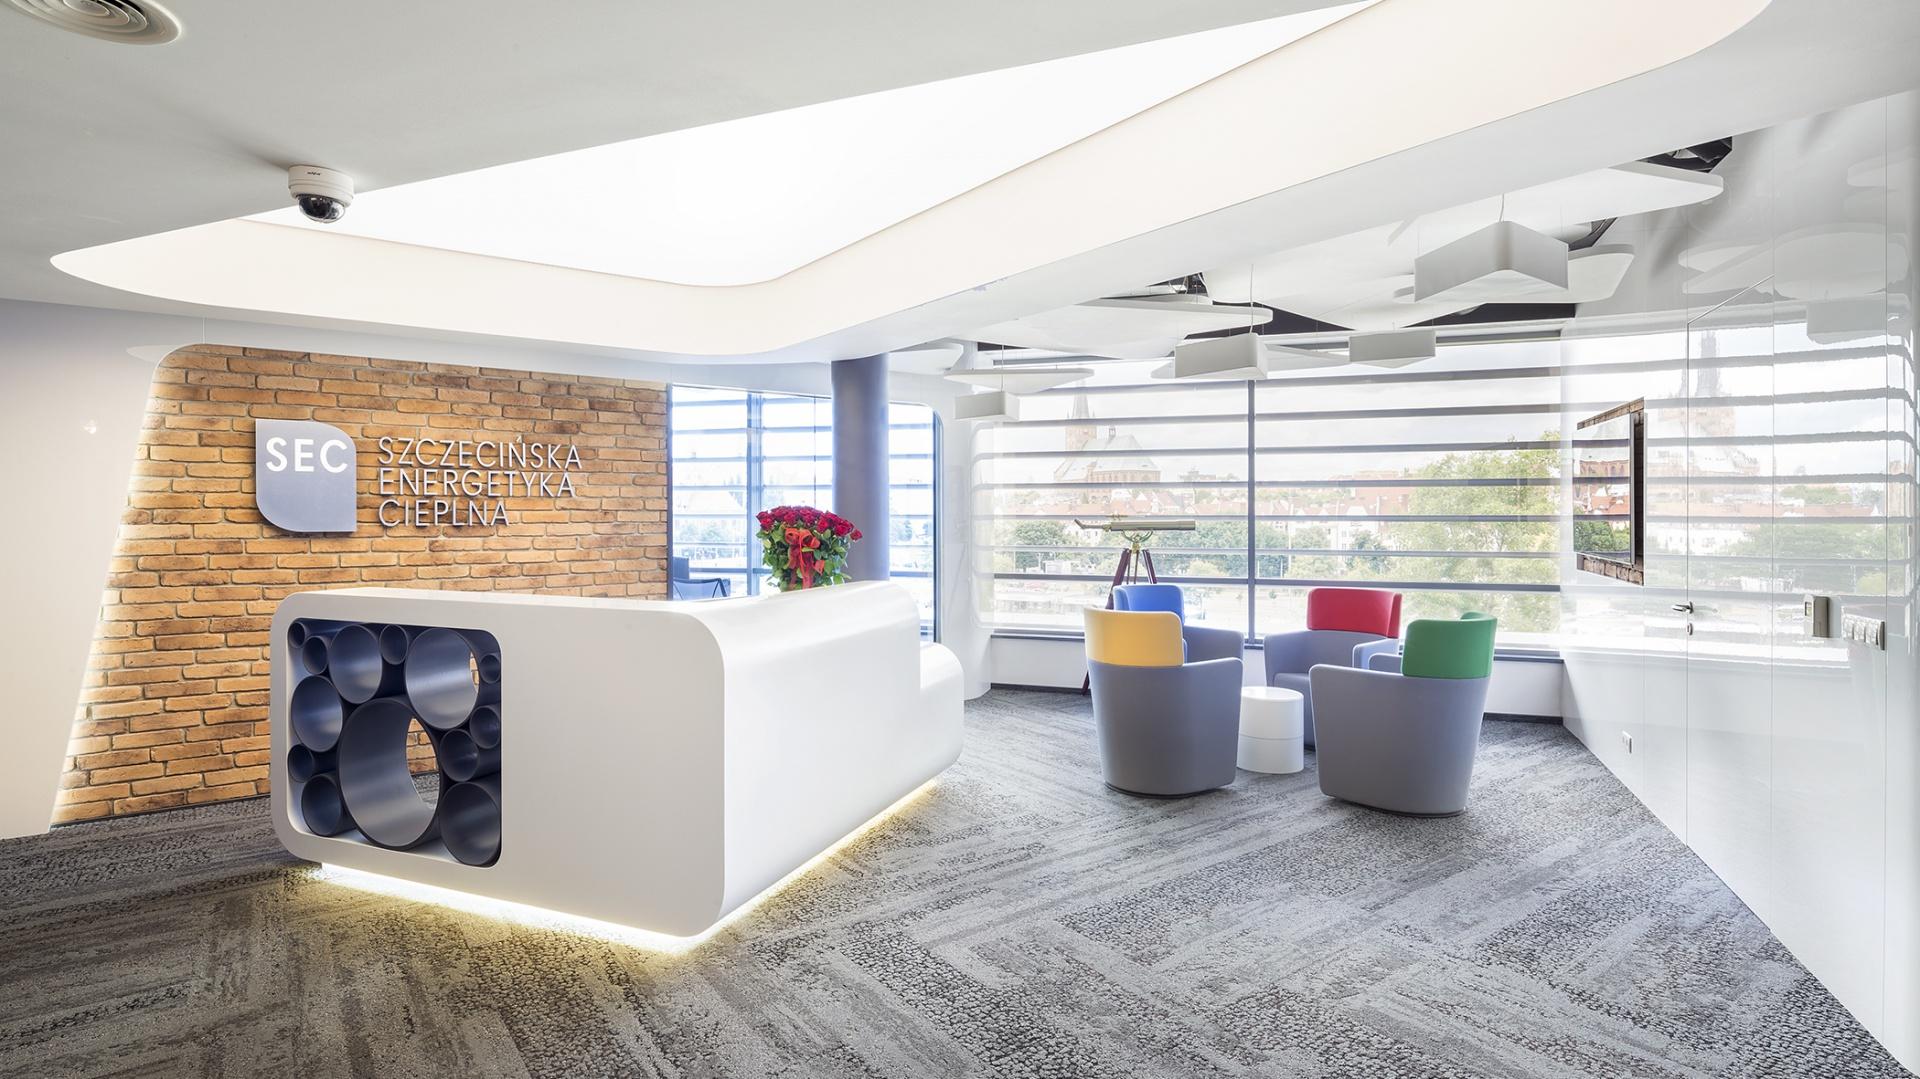 W ramach projektu powstały nowoczesne i funkcjonalne miejsca dla pracowników, dostosowane do specyfiki zadań poszczególnych działów, gabinety kierownictwa firmy, sale konferencyjne, kuchnia i miejsca spotkań oraz komfortowe przestrzenie rekreacyjne i miejsca sprzyjające wspólnej pracy. Fot. Szymon Polański